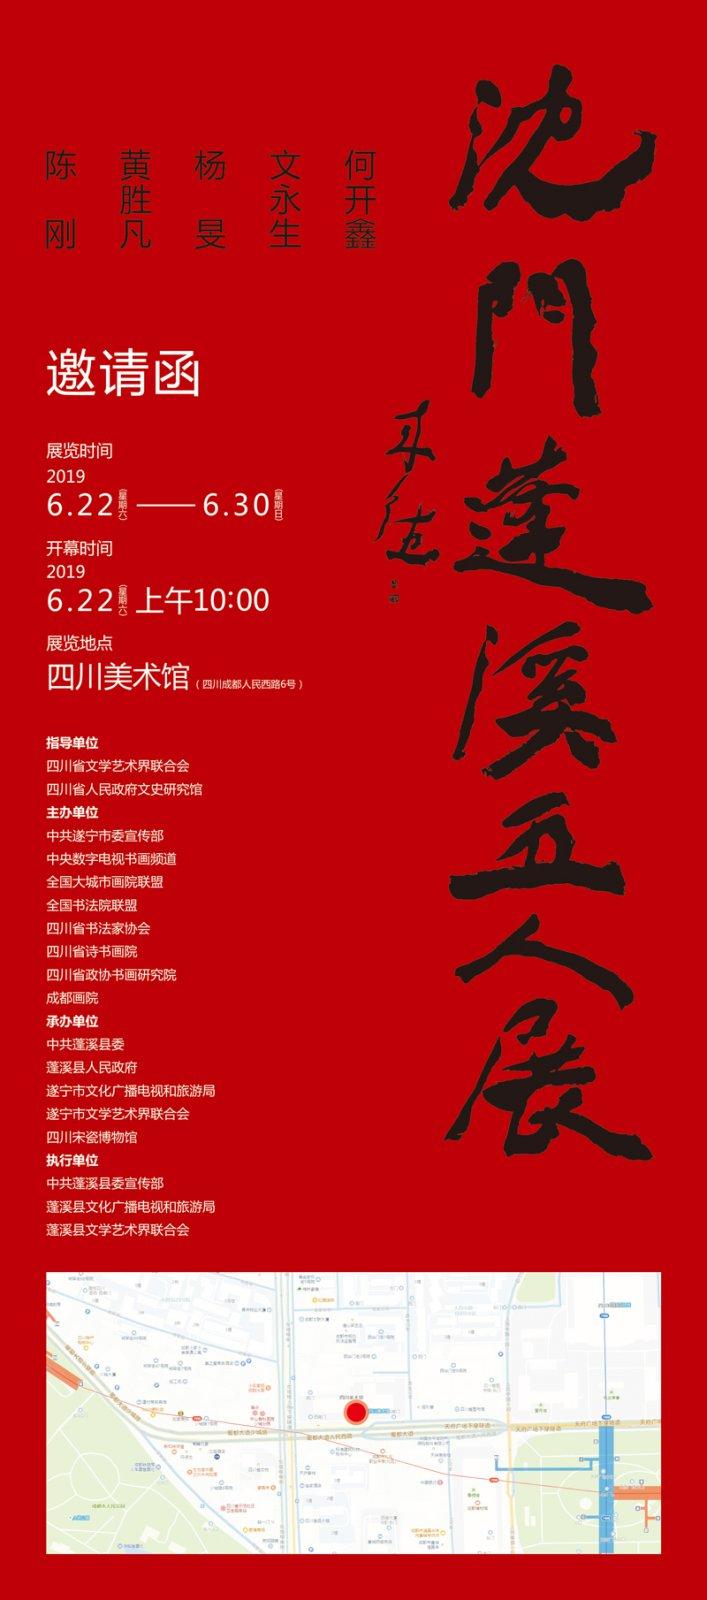 展览预告丨沈门蓬溪五人展 · 成都展将于6月22日举行